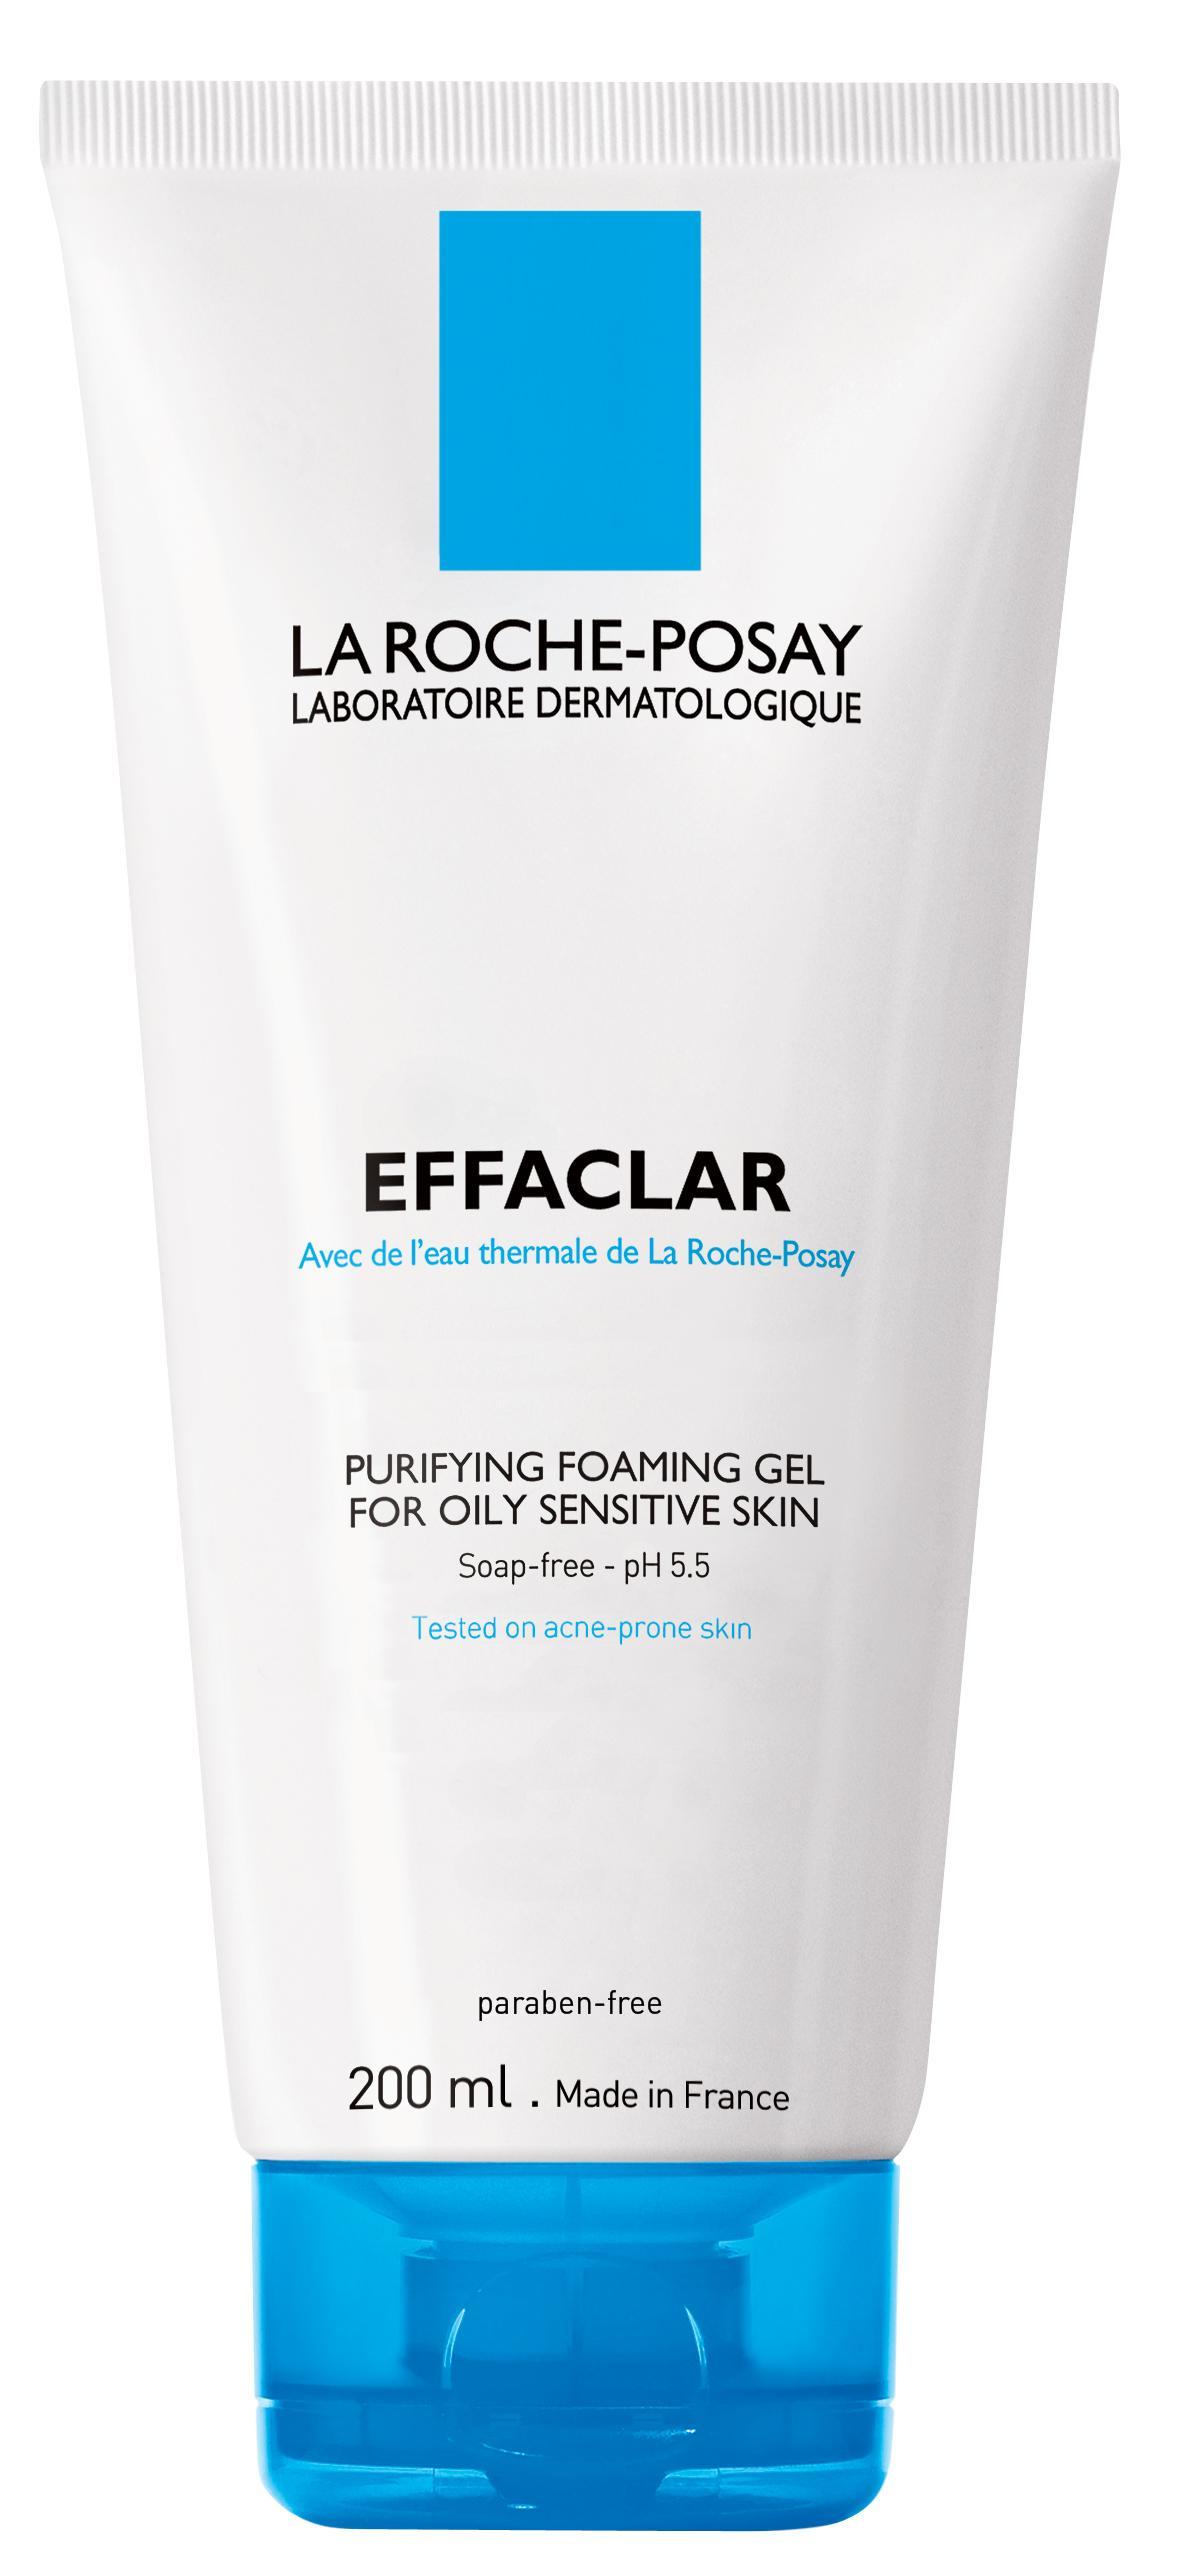 Plexion facial cleanser price said